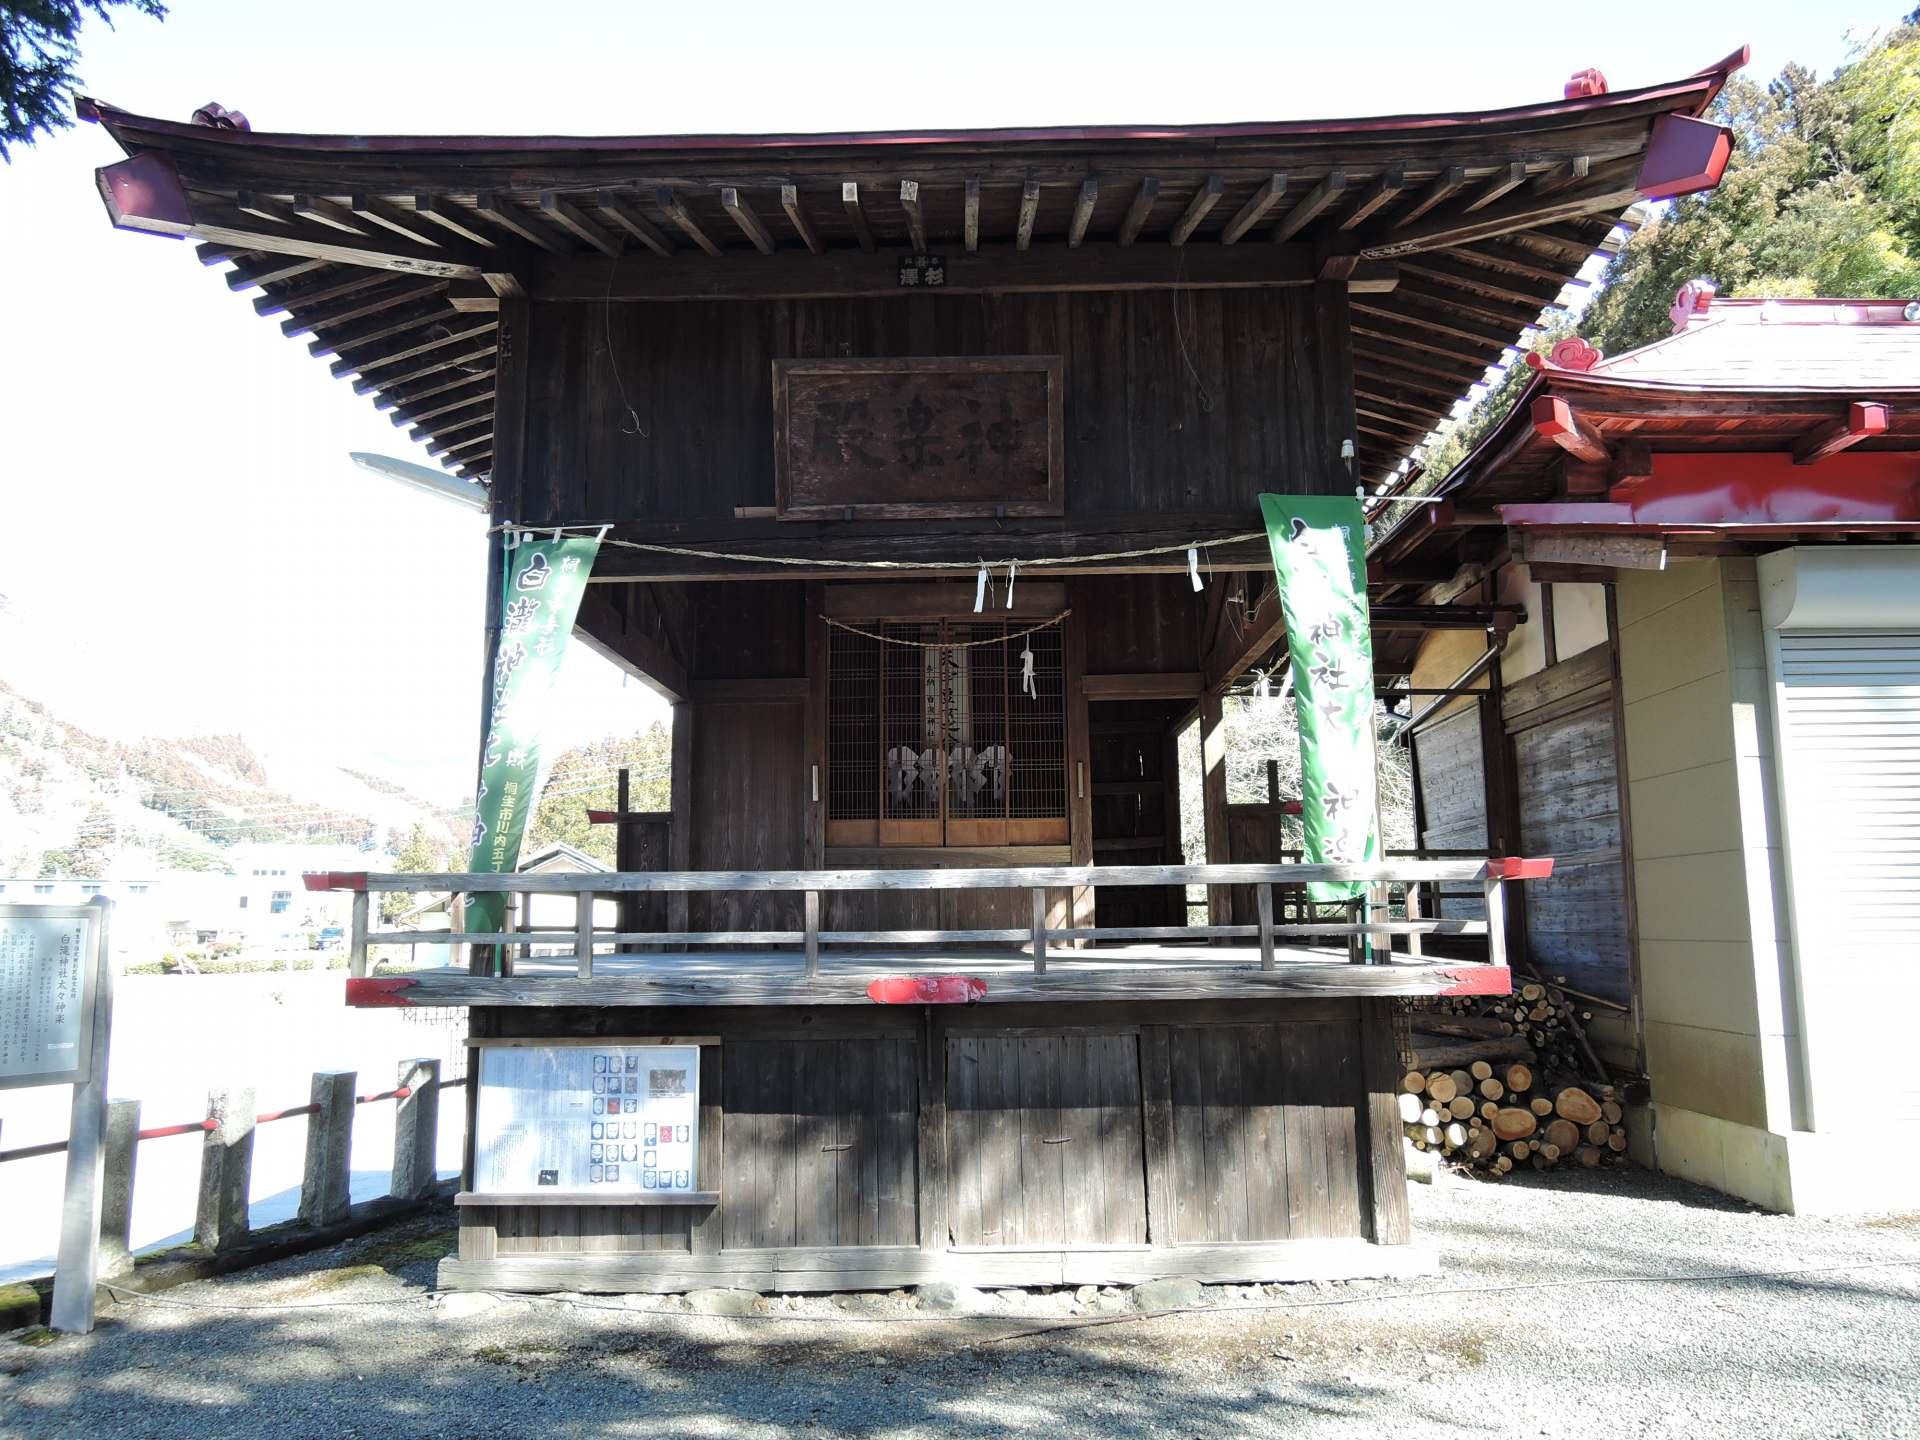 舉行白瀧神社太々神樂祭典的神樂殿